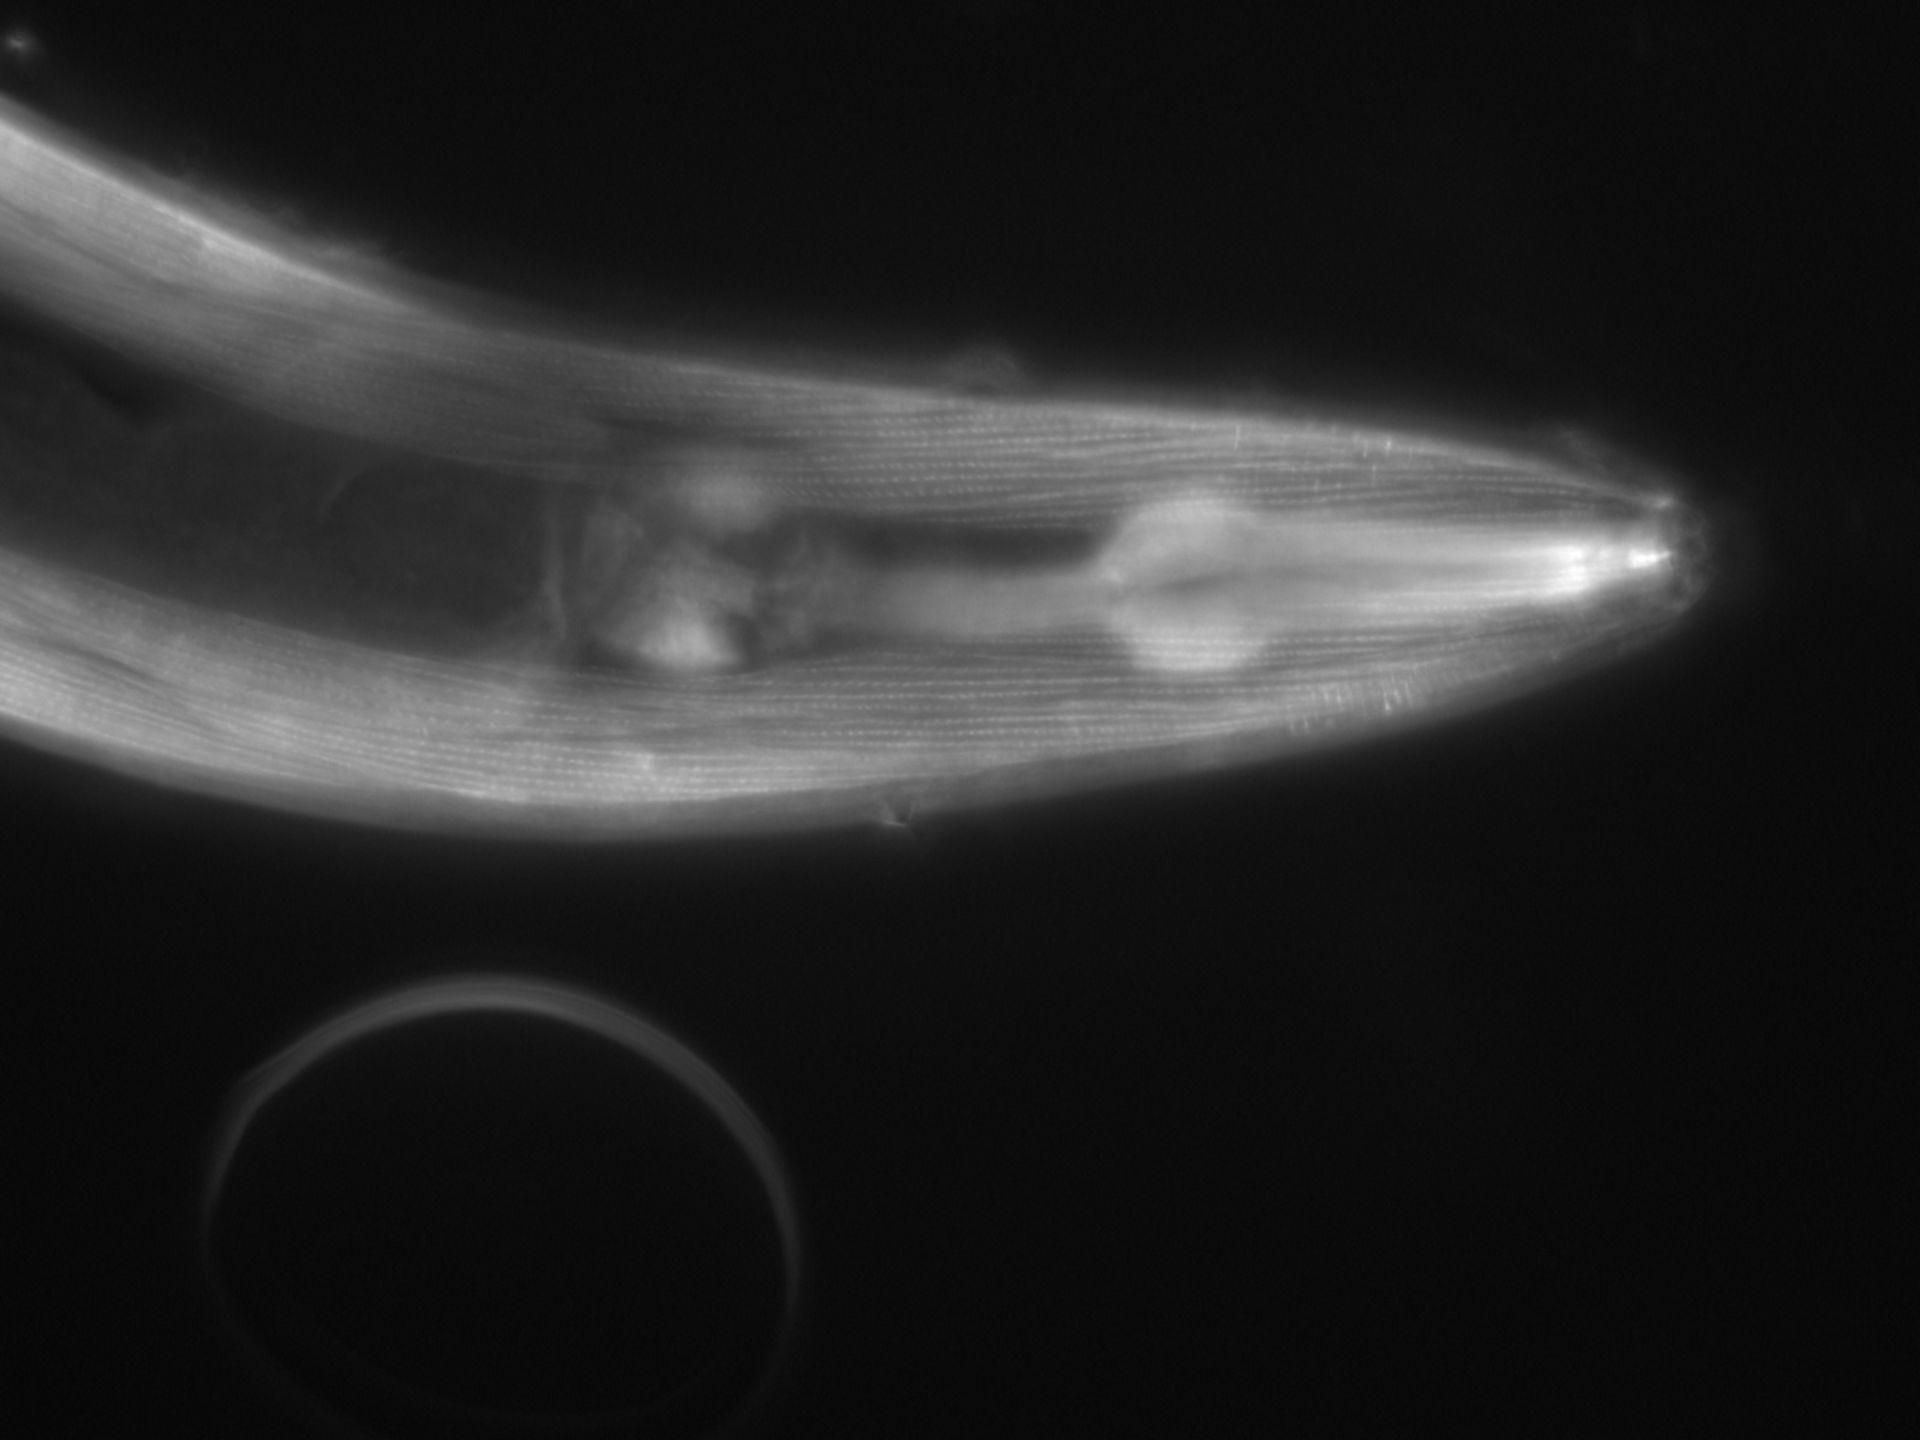 Caenorhabditis elegans (Actin filament) - CIL:1075